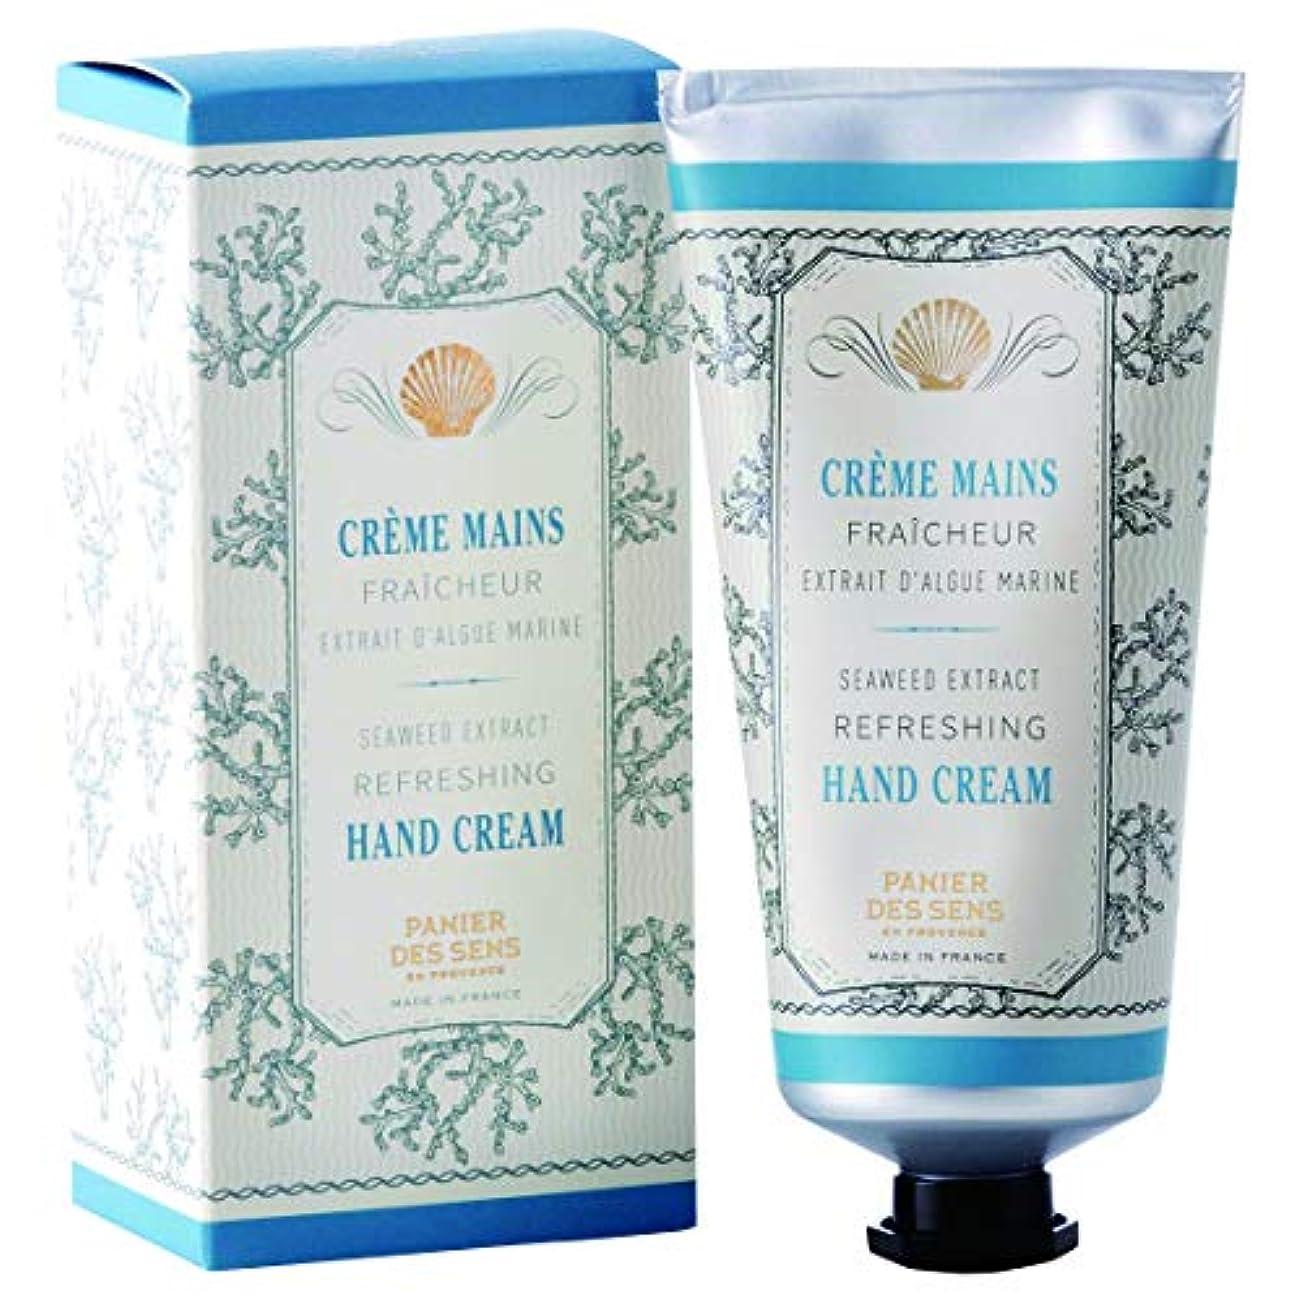 愛国的なペルソナチキンパニエデサンス(メディテレニアン)ハンドクリーム75mL(手肌用保湿 フランス製 地中海を想わせるマリンノートの香り)